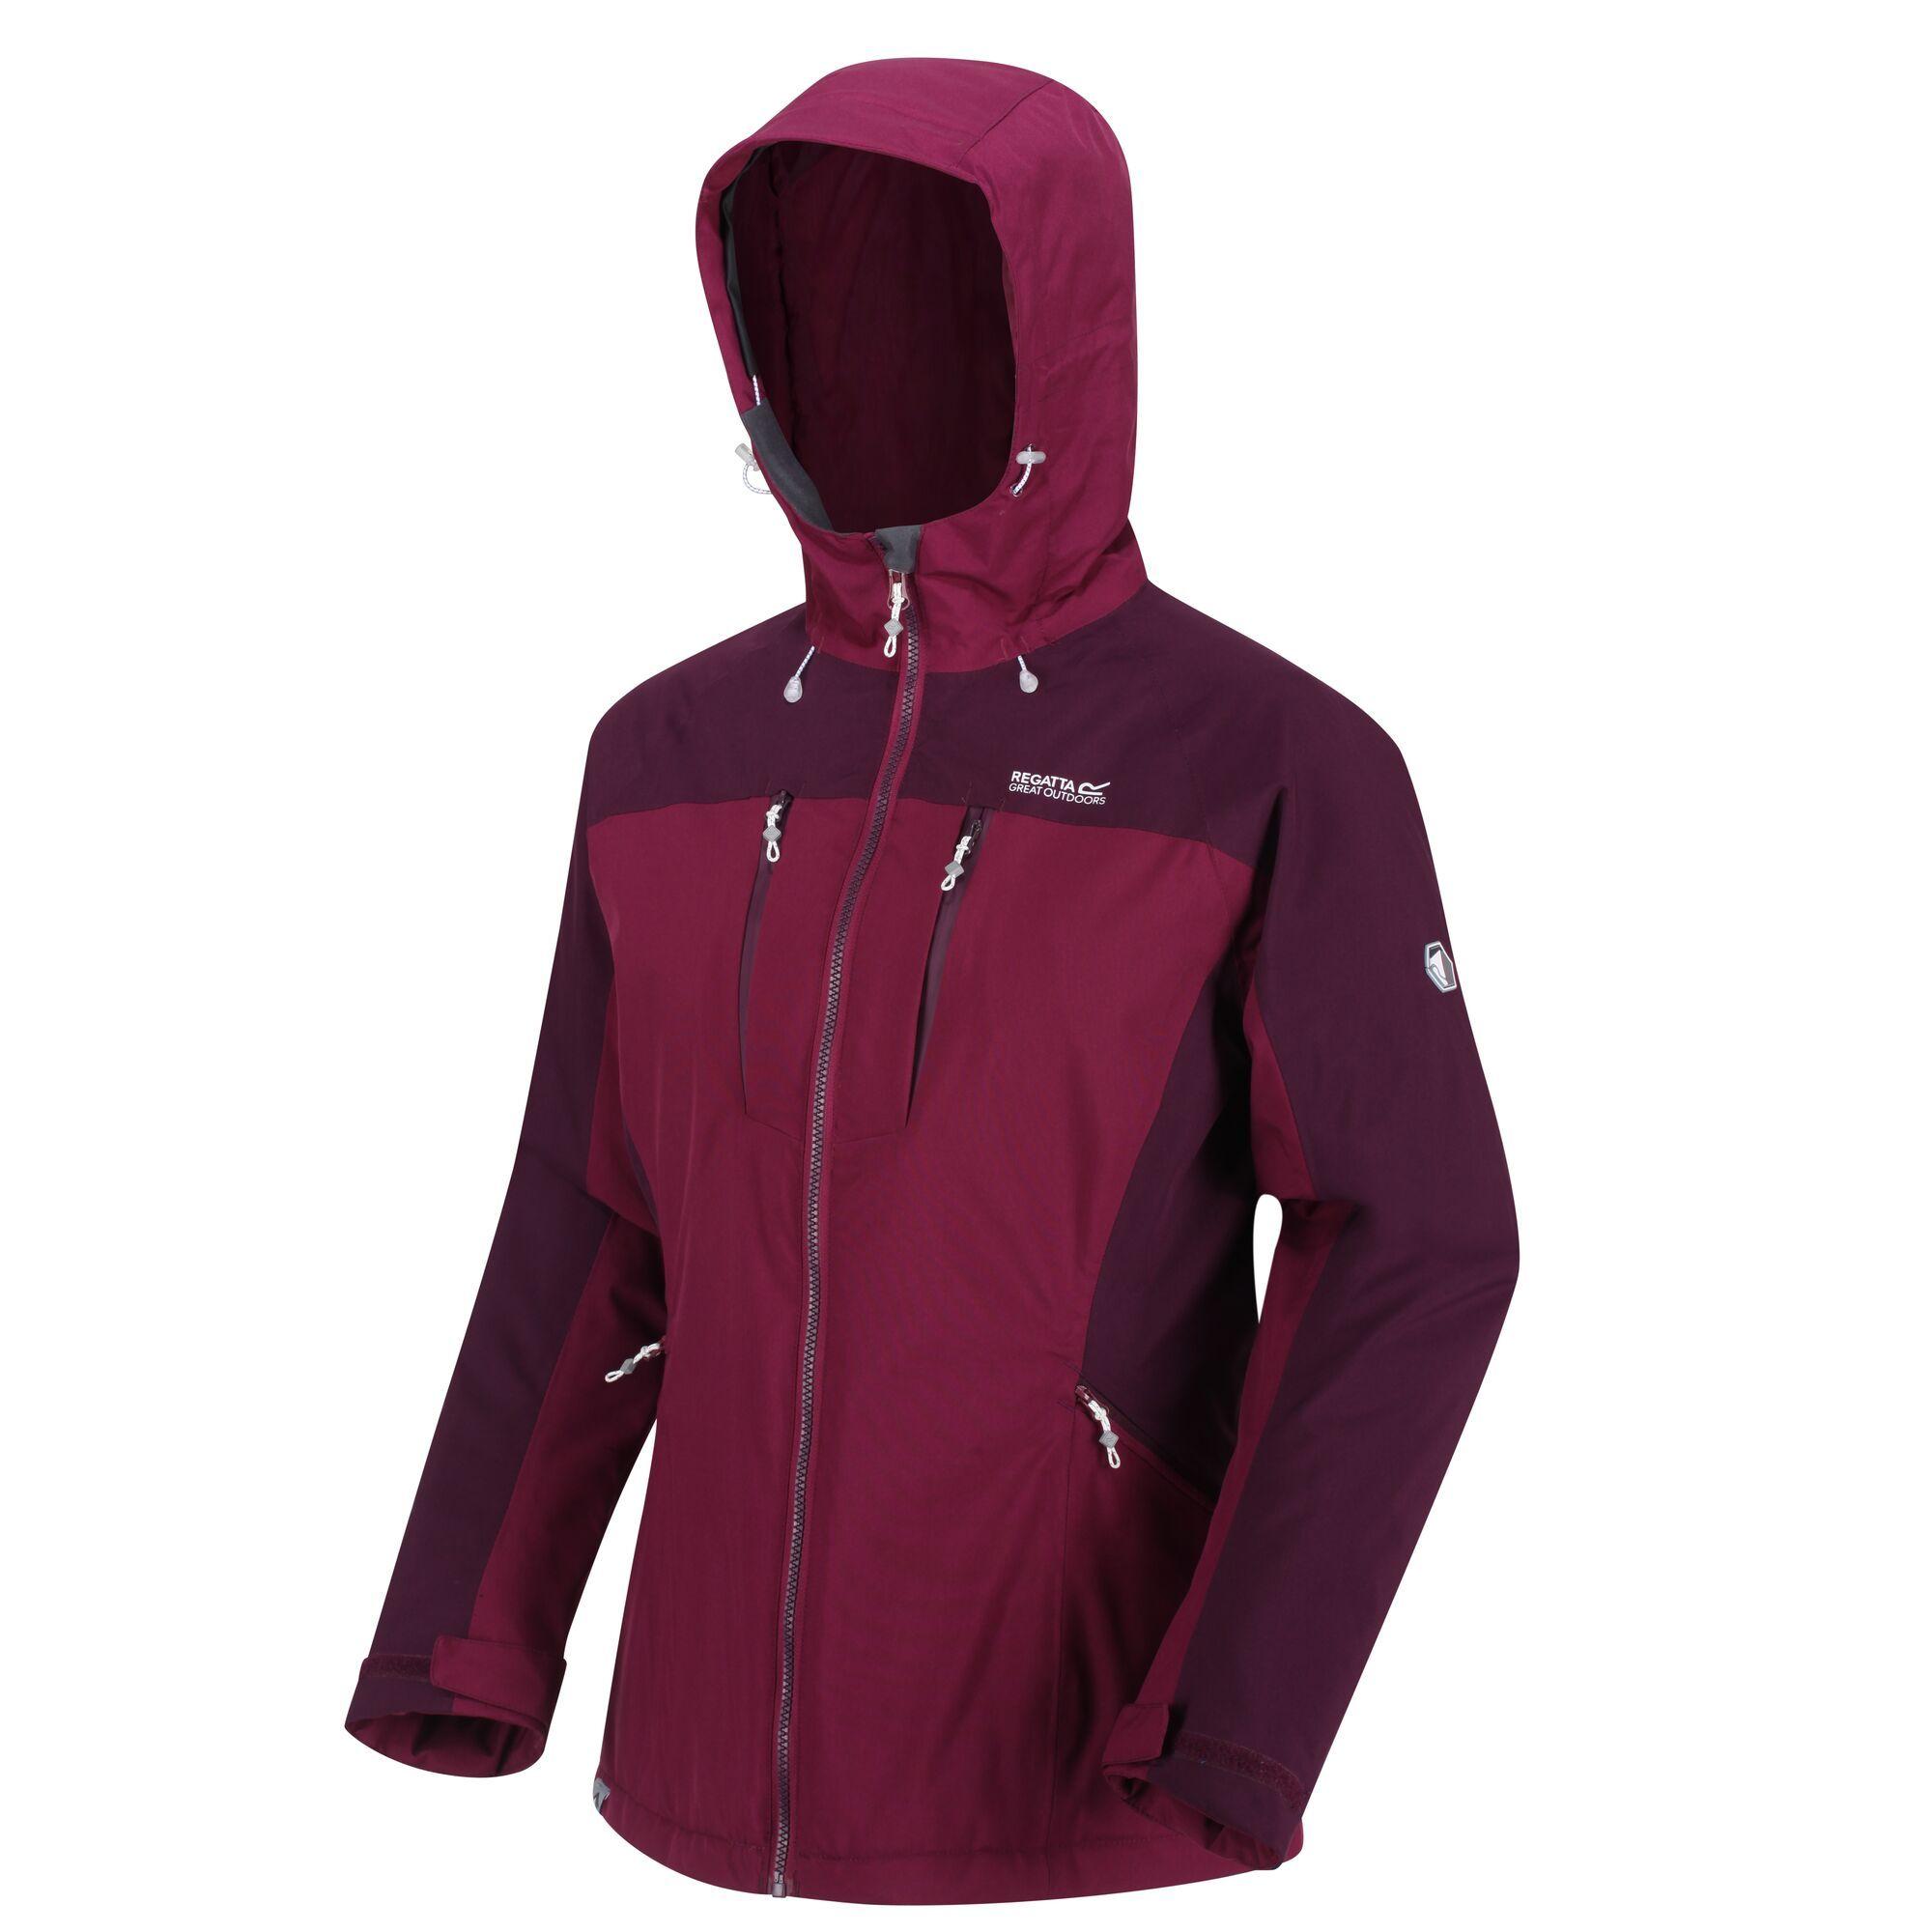 Women's Waterproof Jackets